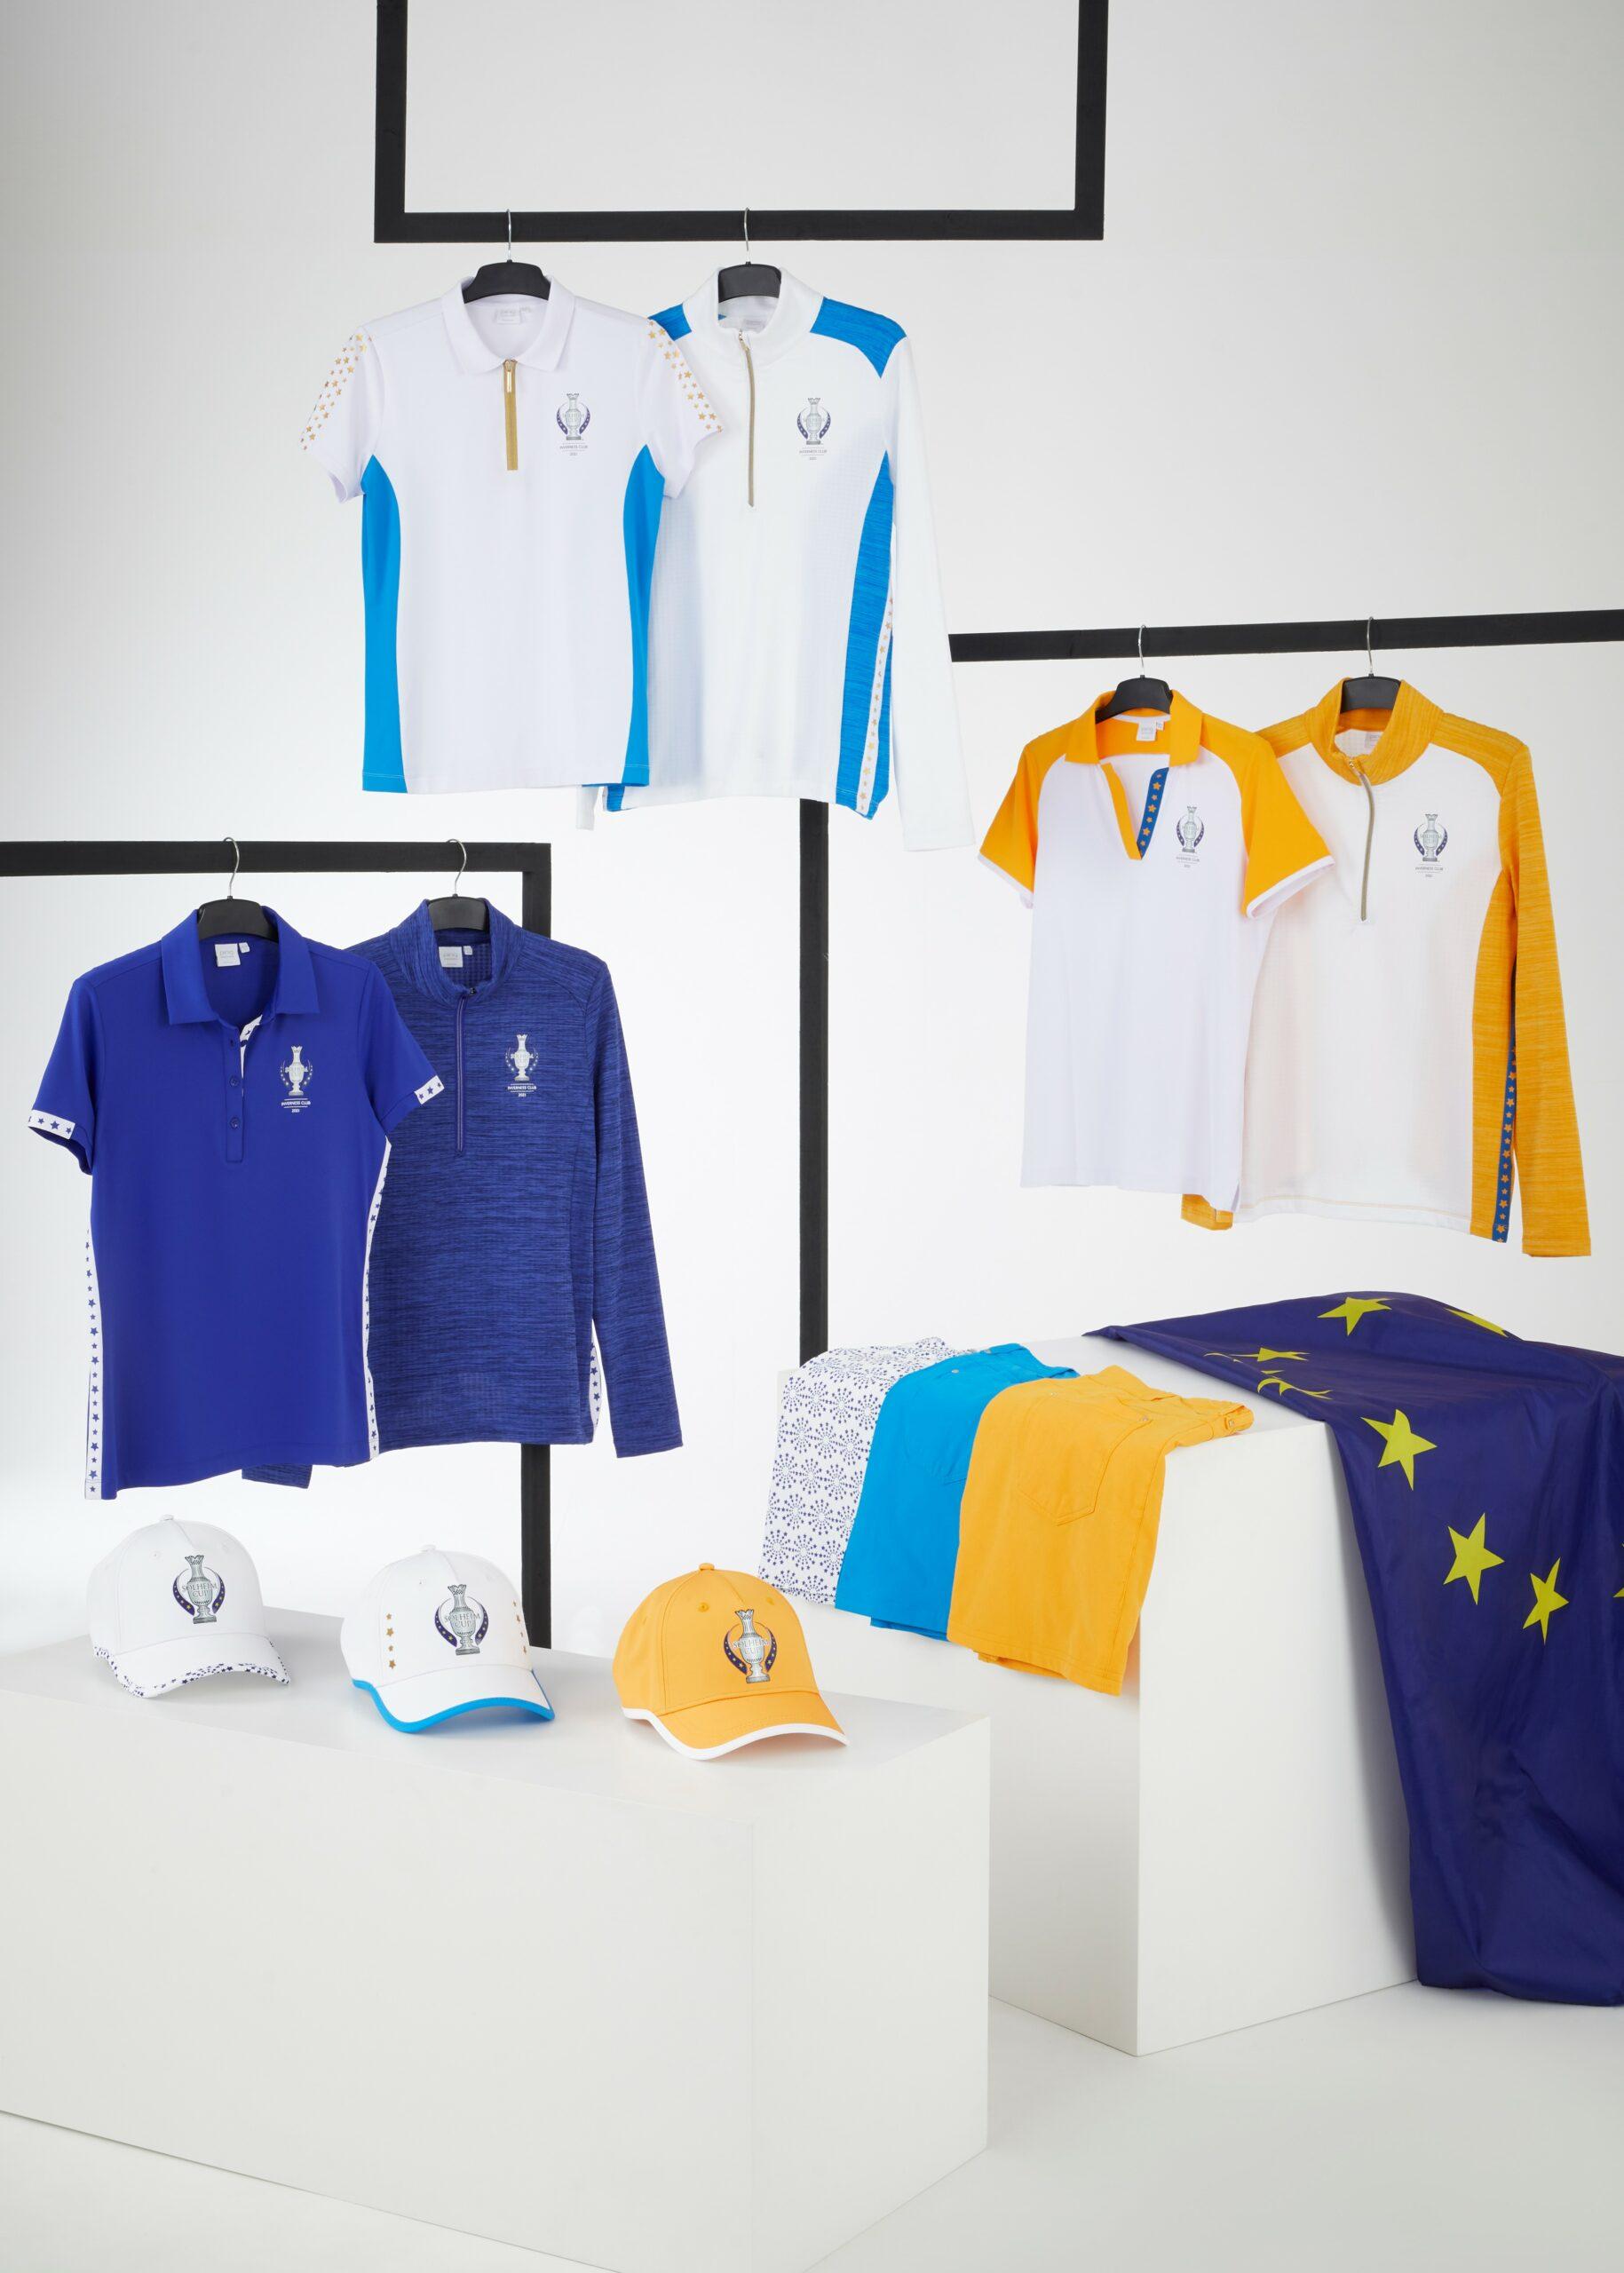 PING 2021 European SC Team Outfits –